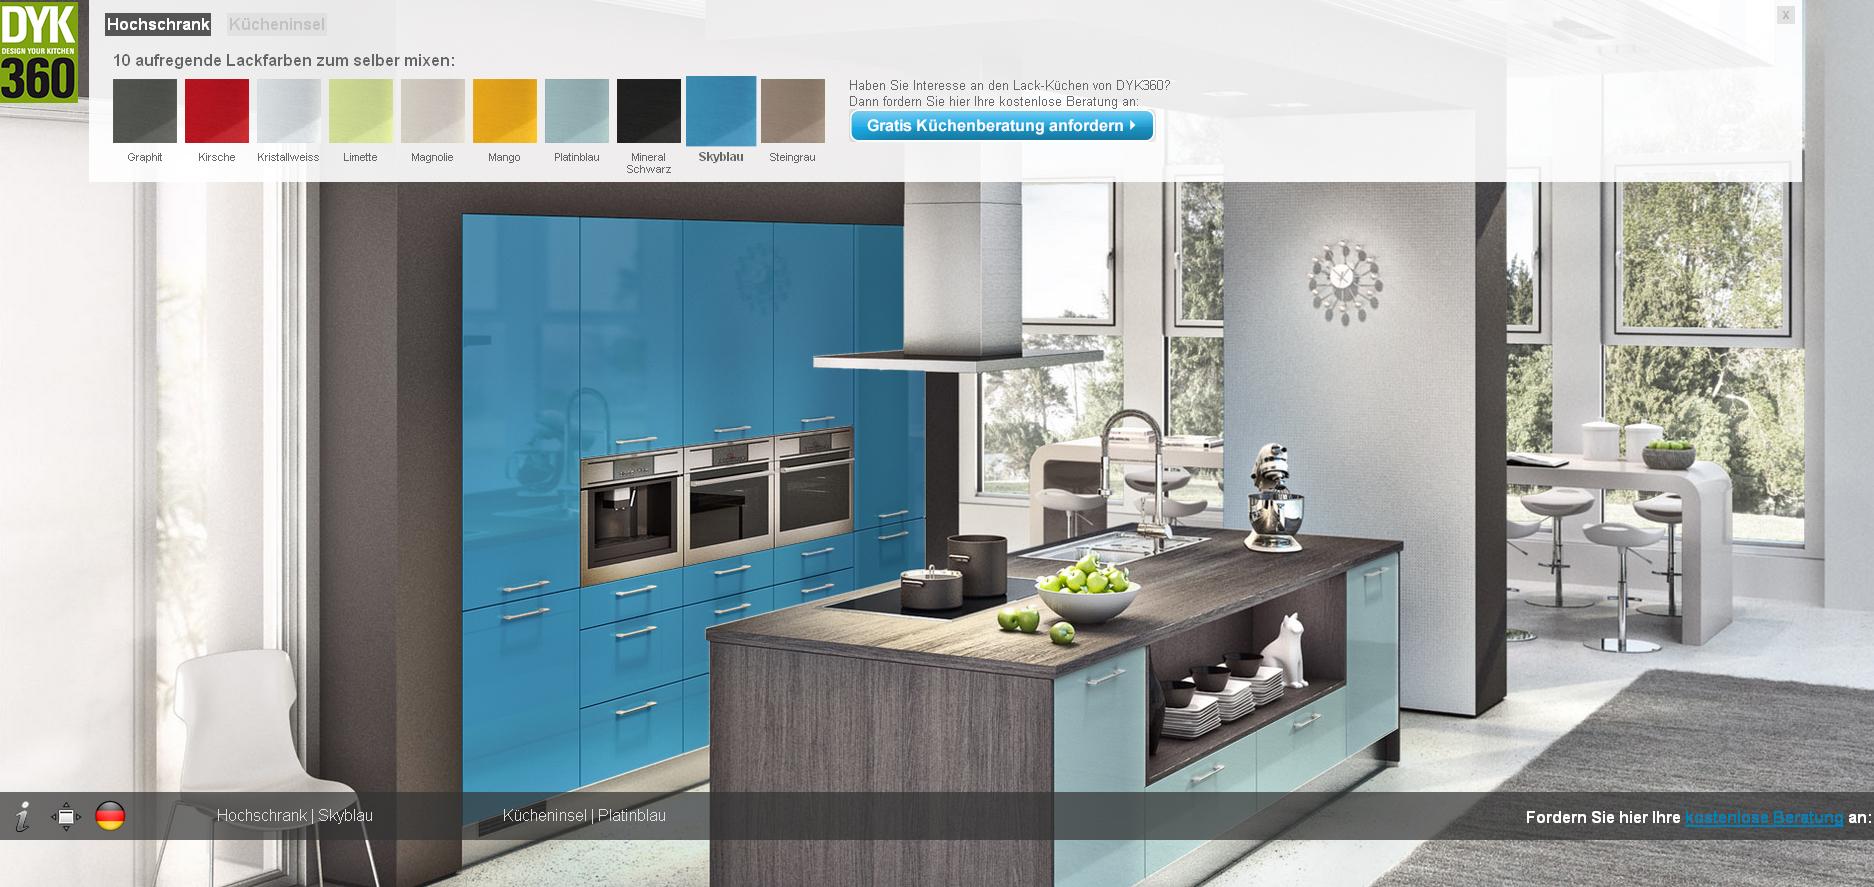 Full Size of Wie Kann Ich Meine Küche Selber Planen Nobilia Küche Selber Planen Küche Selber Planen Programm Küche Selber Planen Online Kostenlos Küche Küche Selber Planen